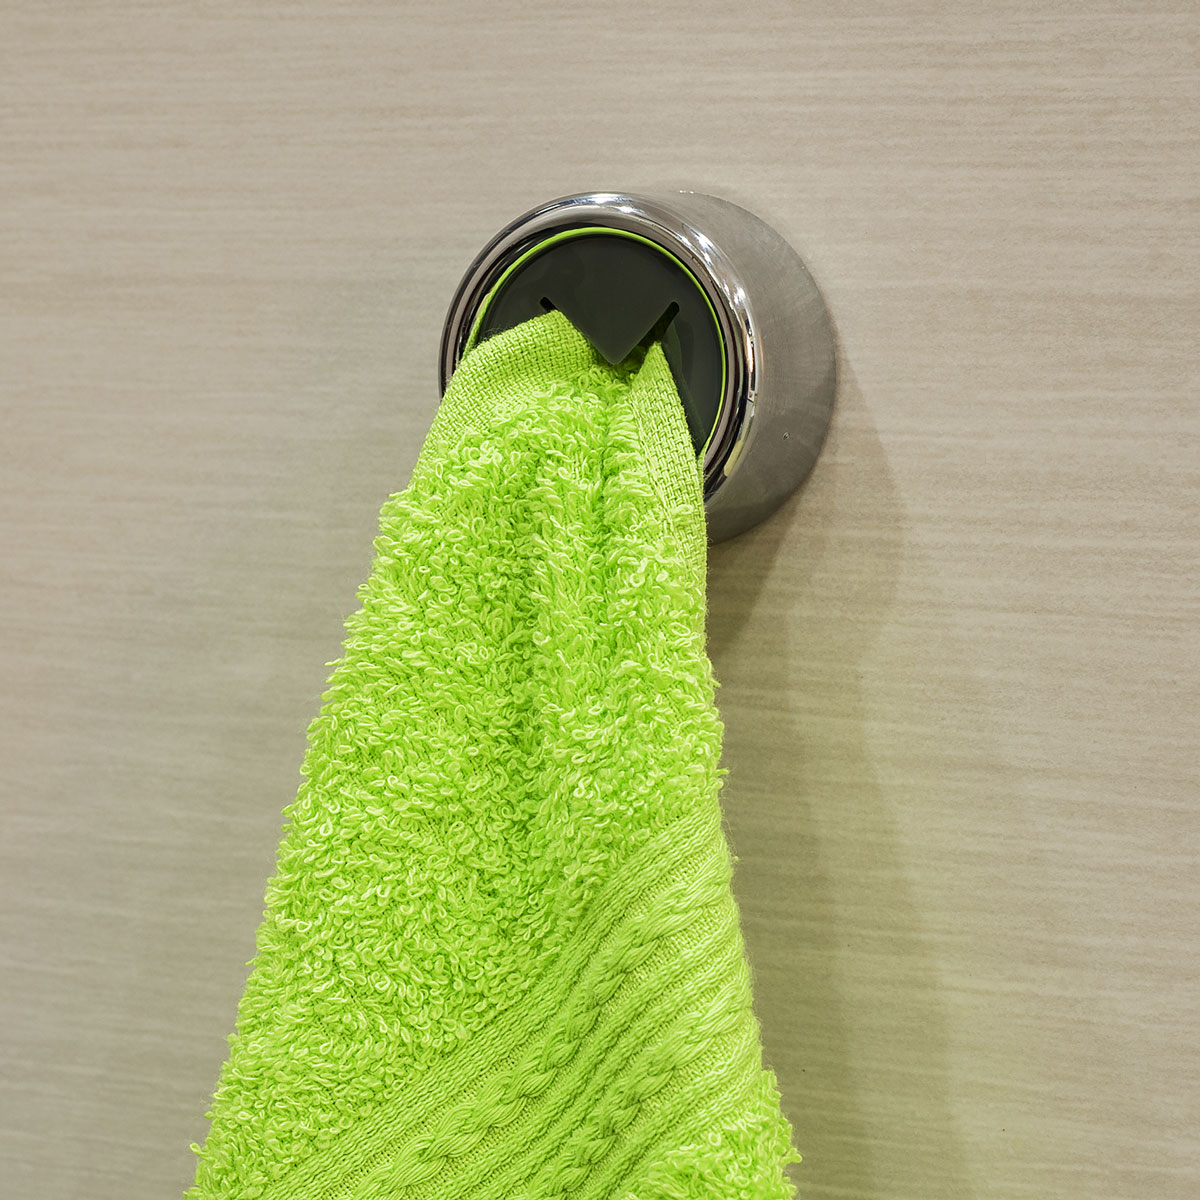 Вешалка самоклеящаяся Tatkraft Berra, для полотенец, диаметр 4 смRG-D31SСамоклеящаяся вешалка для полотенец Tatkraft Berra, изготовлена из пластика. Вешалка с современным дизайном не боится влаги, и очень легко крепится к стене. Чтобы зафиксировать вешалку, не нужно сверлить дырки, достаточно снять защитный слой и прочно прижать вешалку к стене. Крепкая, оригинальная вешалка не требует петелек у полотенца.Диаметр вешалки: 4 см.